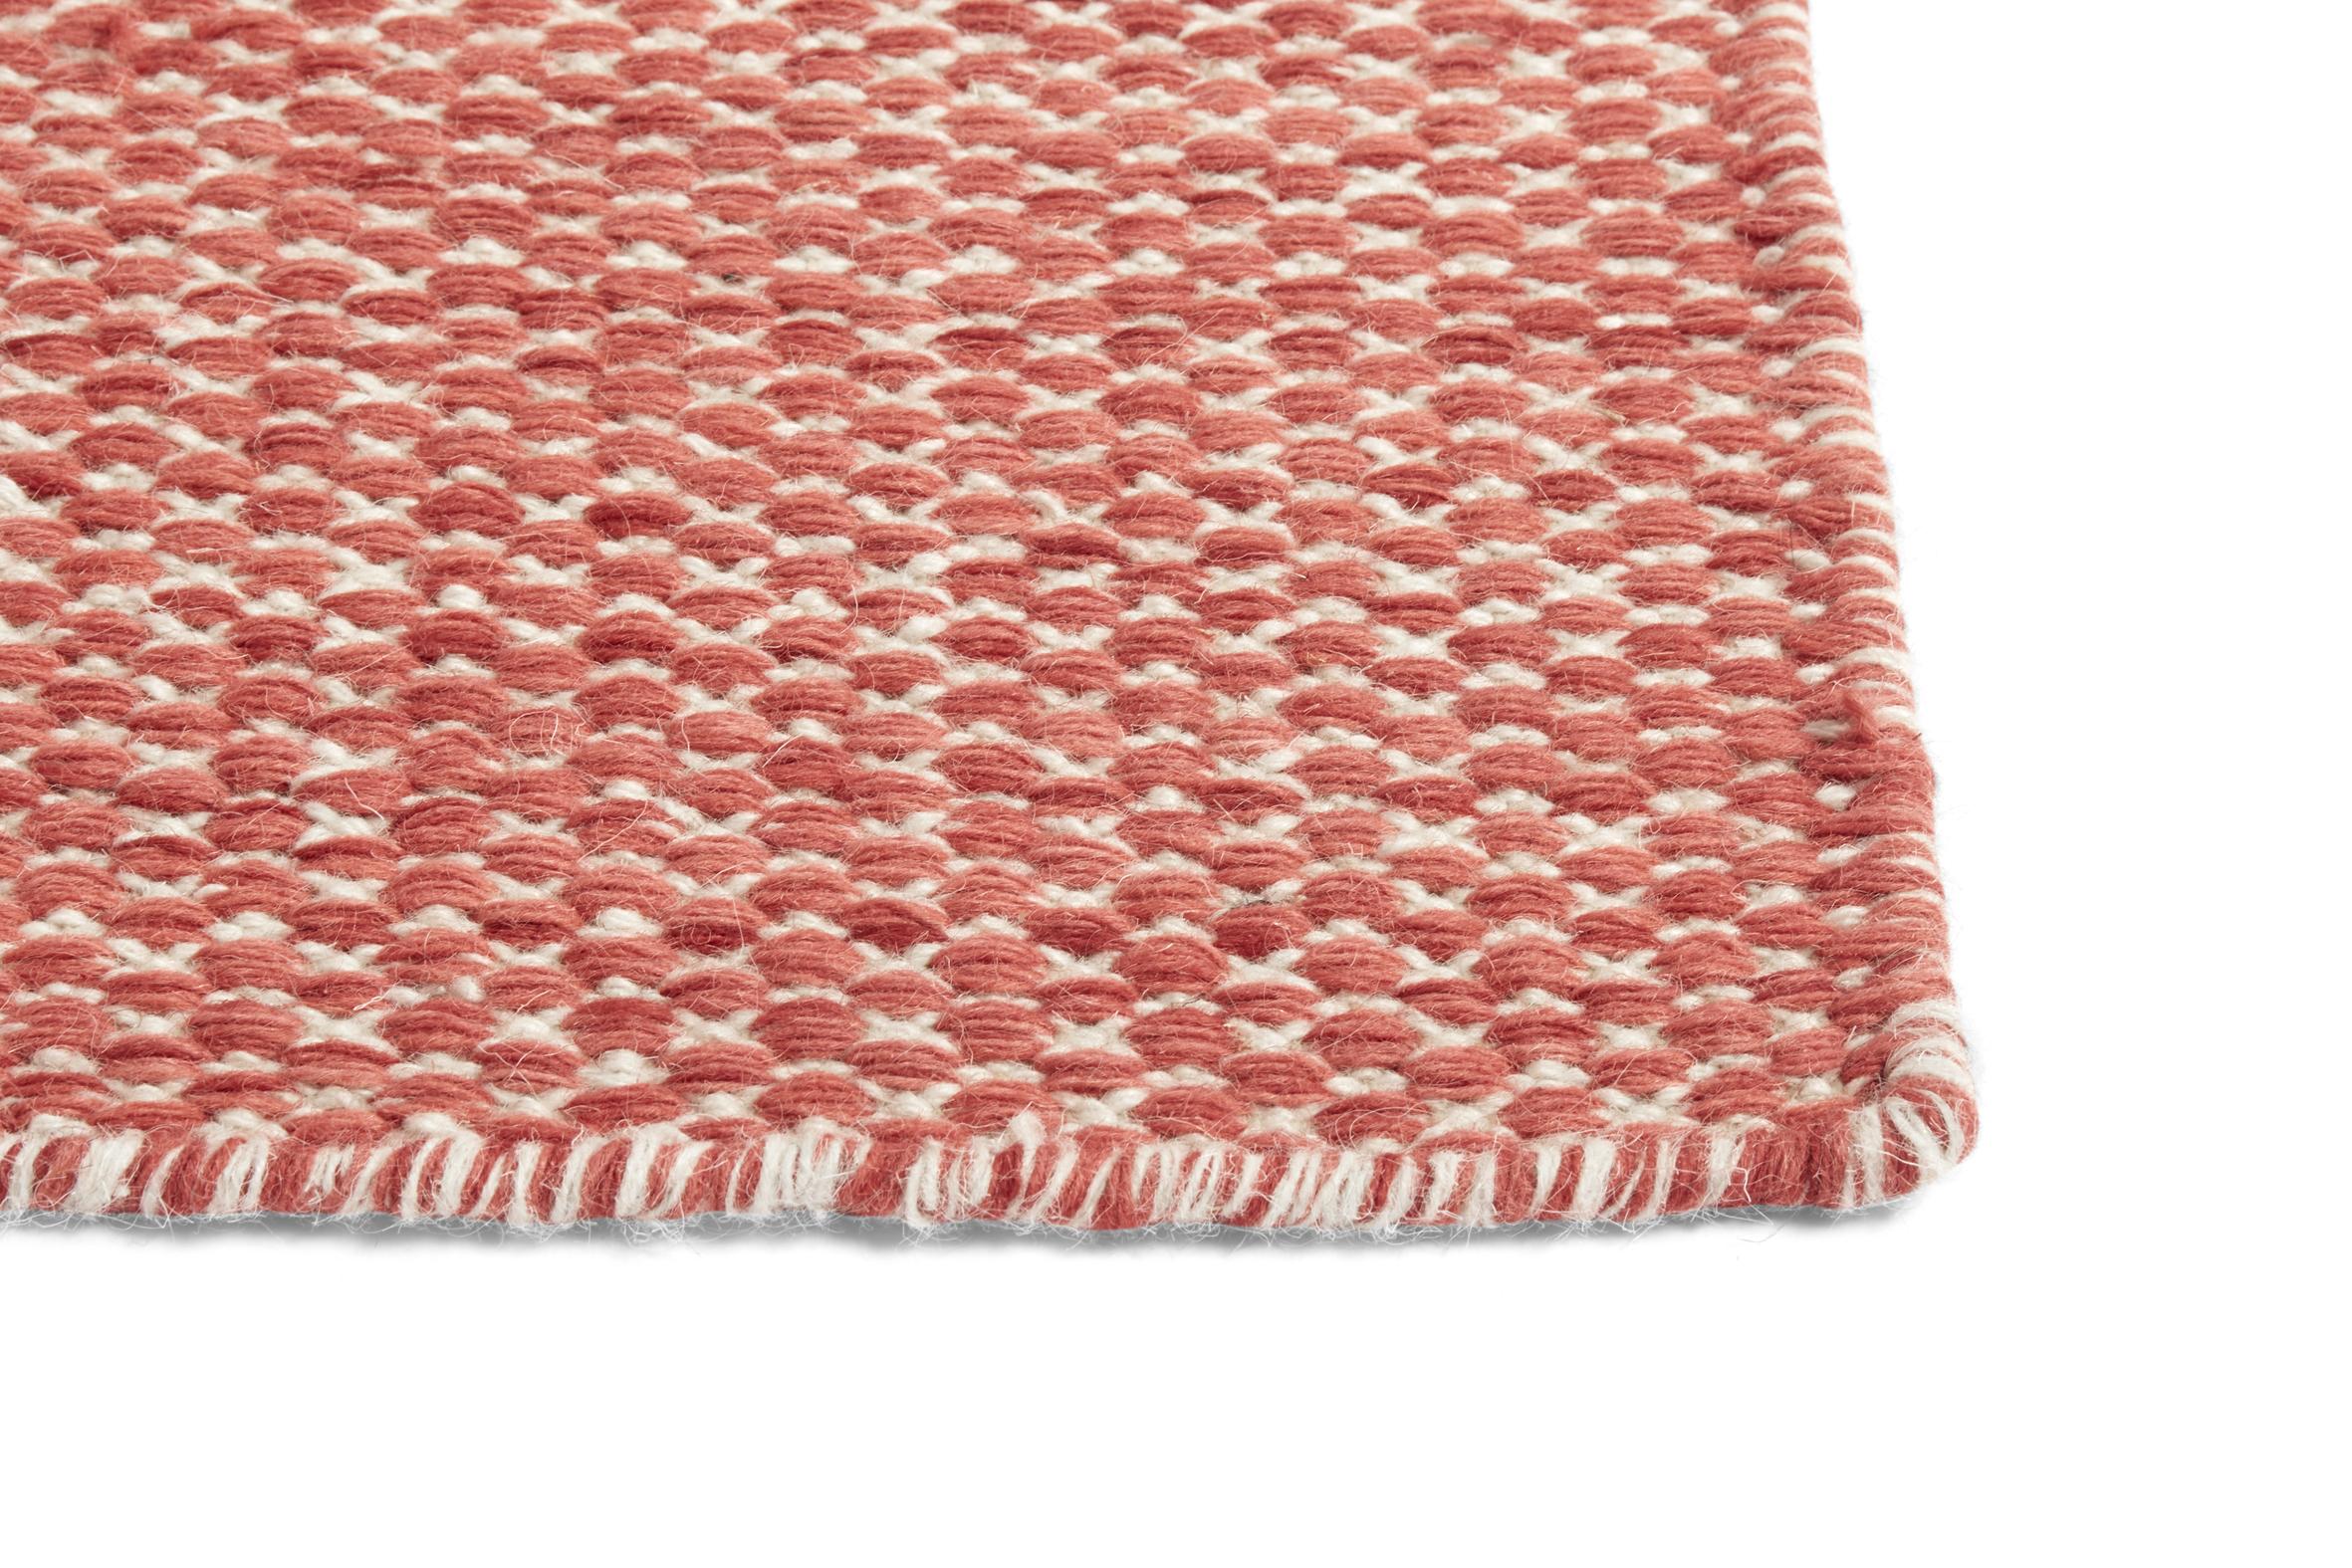 HAY - Moiré Kelim Rug 140 x 200 cm - Coral (507243)